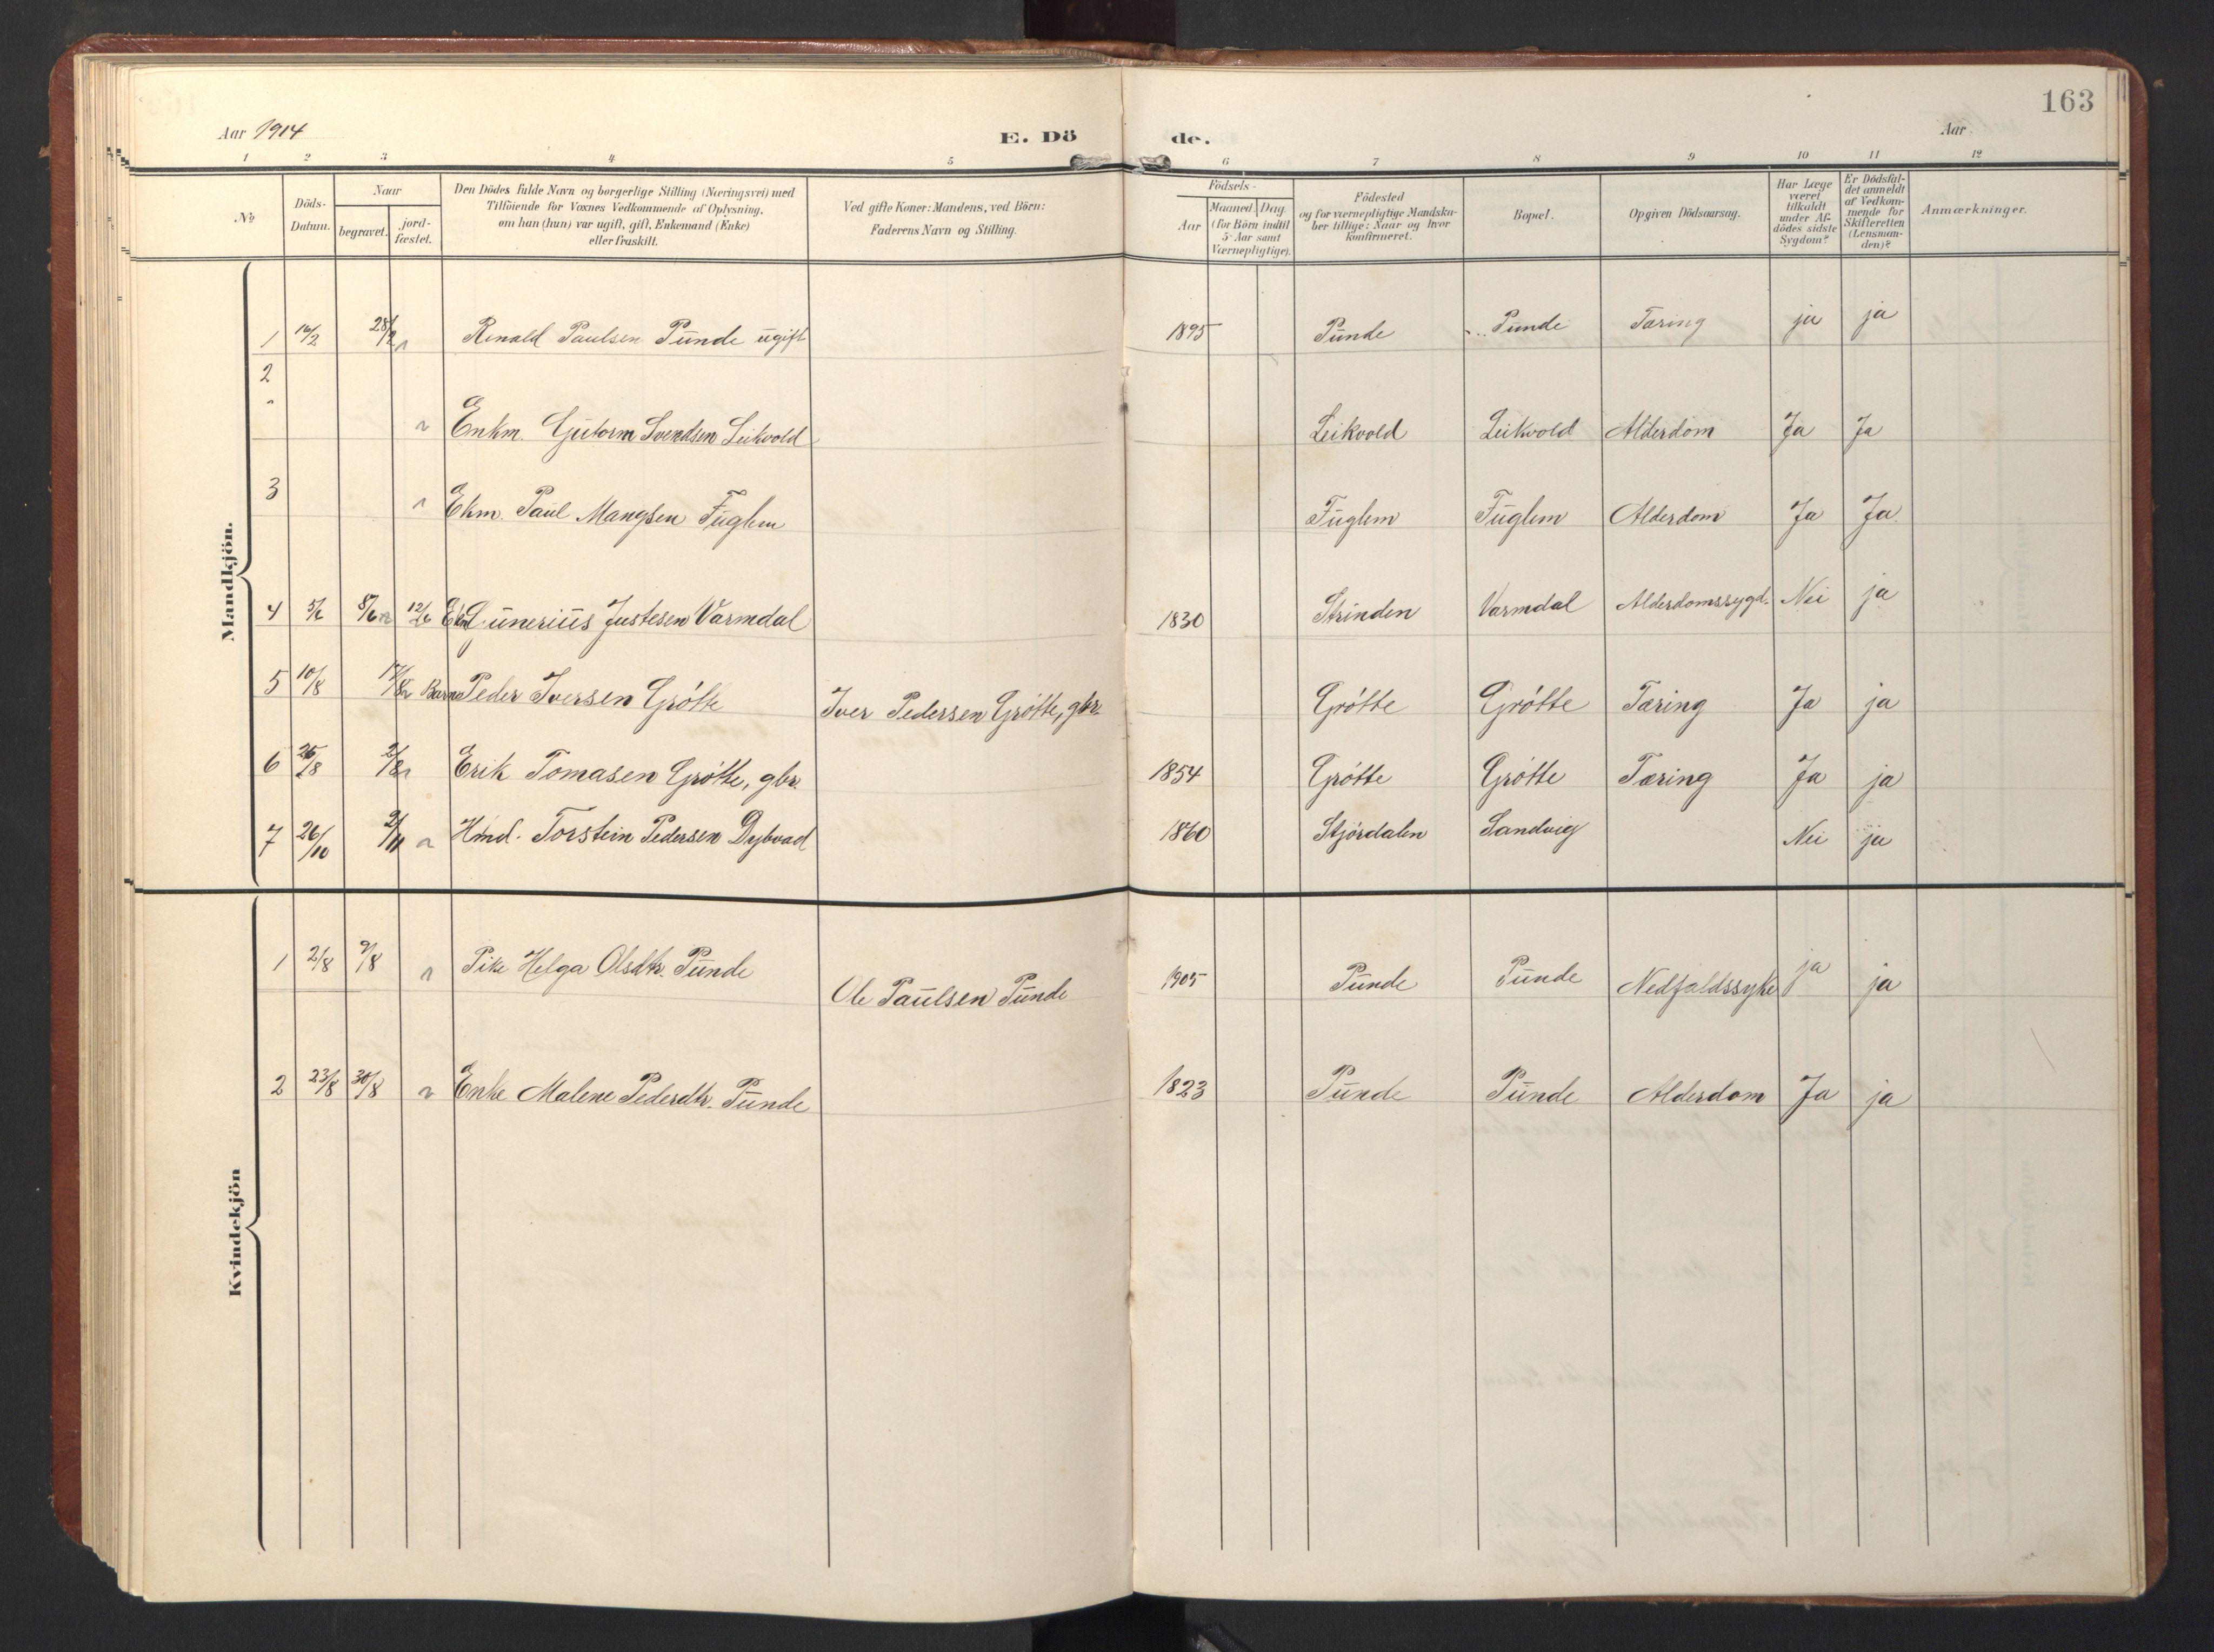 SAT, Ministerialprotokoller, klokkerbøker og fødselsregistre - Sør-Trøndelag, 696/L1161: Klokkerbok nr. 696C01, 1902-1950, s. 163